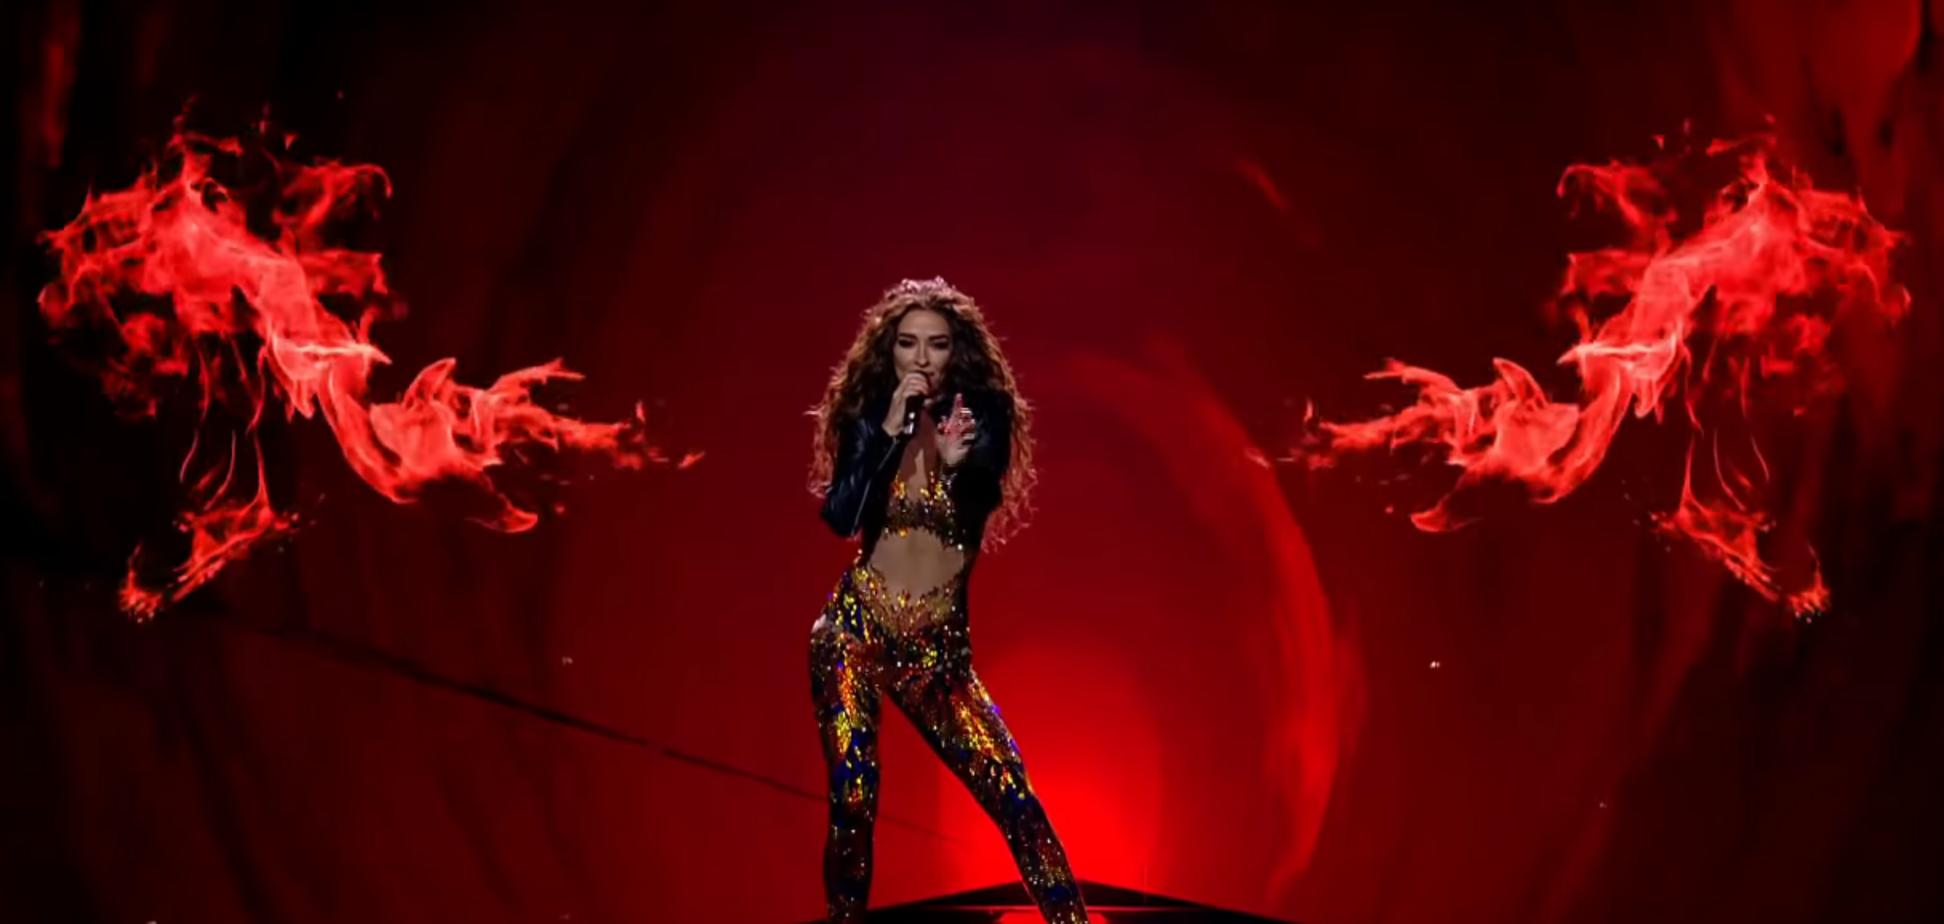 ''Увидимся на Кипре'': фаворитка ''Евровидения-2018'' эффектно зажгла в финале